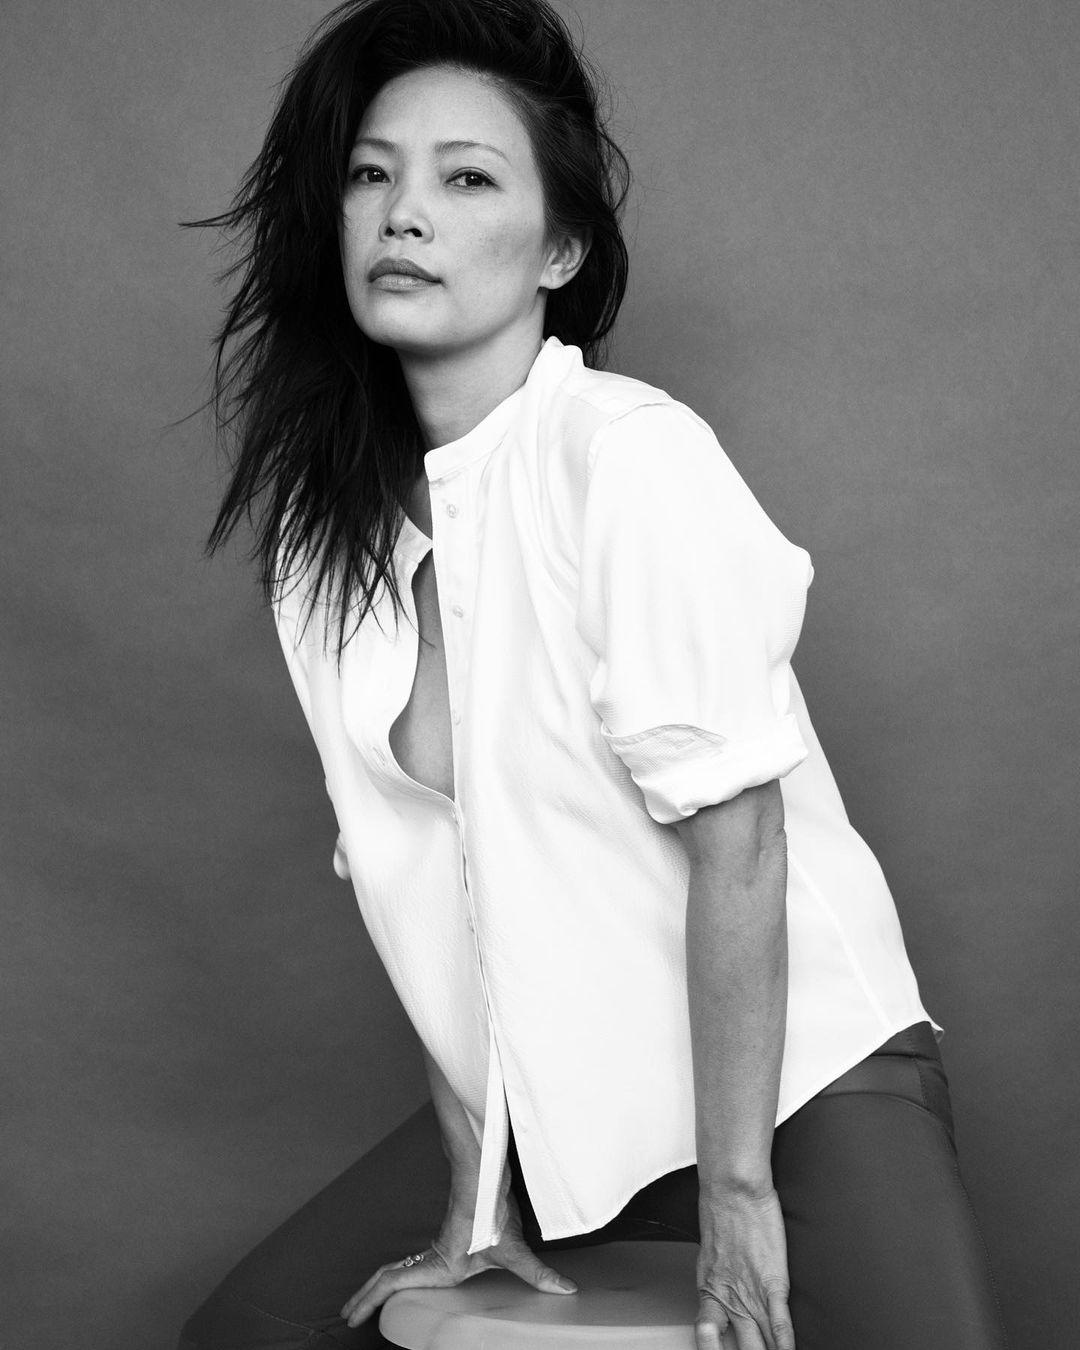 Siêu mẫu gốc Việt từng là bạn diễn của Chương Tử Di: Từ cô bé tự ti đến nàng mẫu tỏa sáng rực rỡ tại show Chanel - Ảnh 16